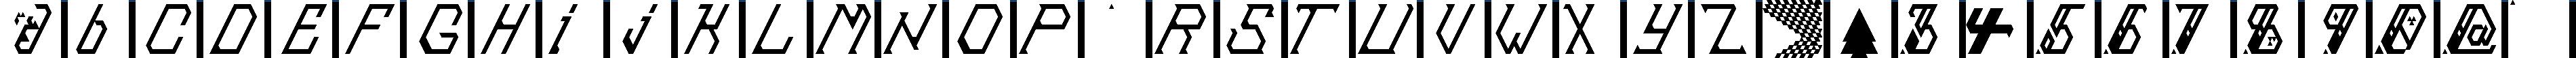 Particip-a-type v.320